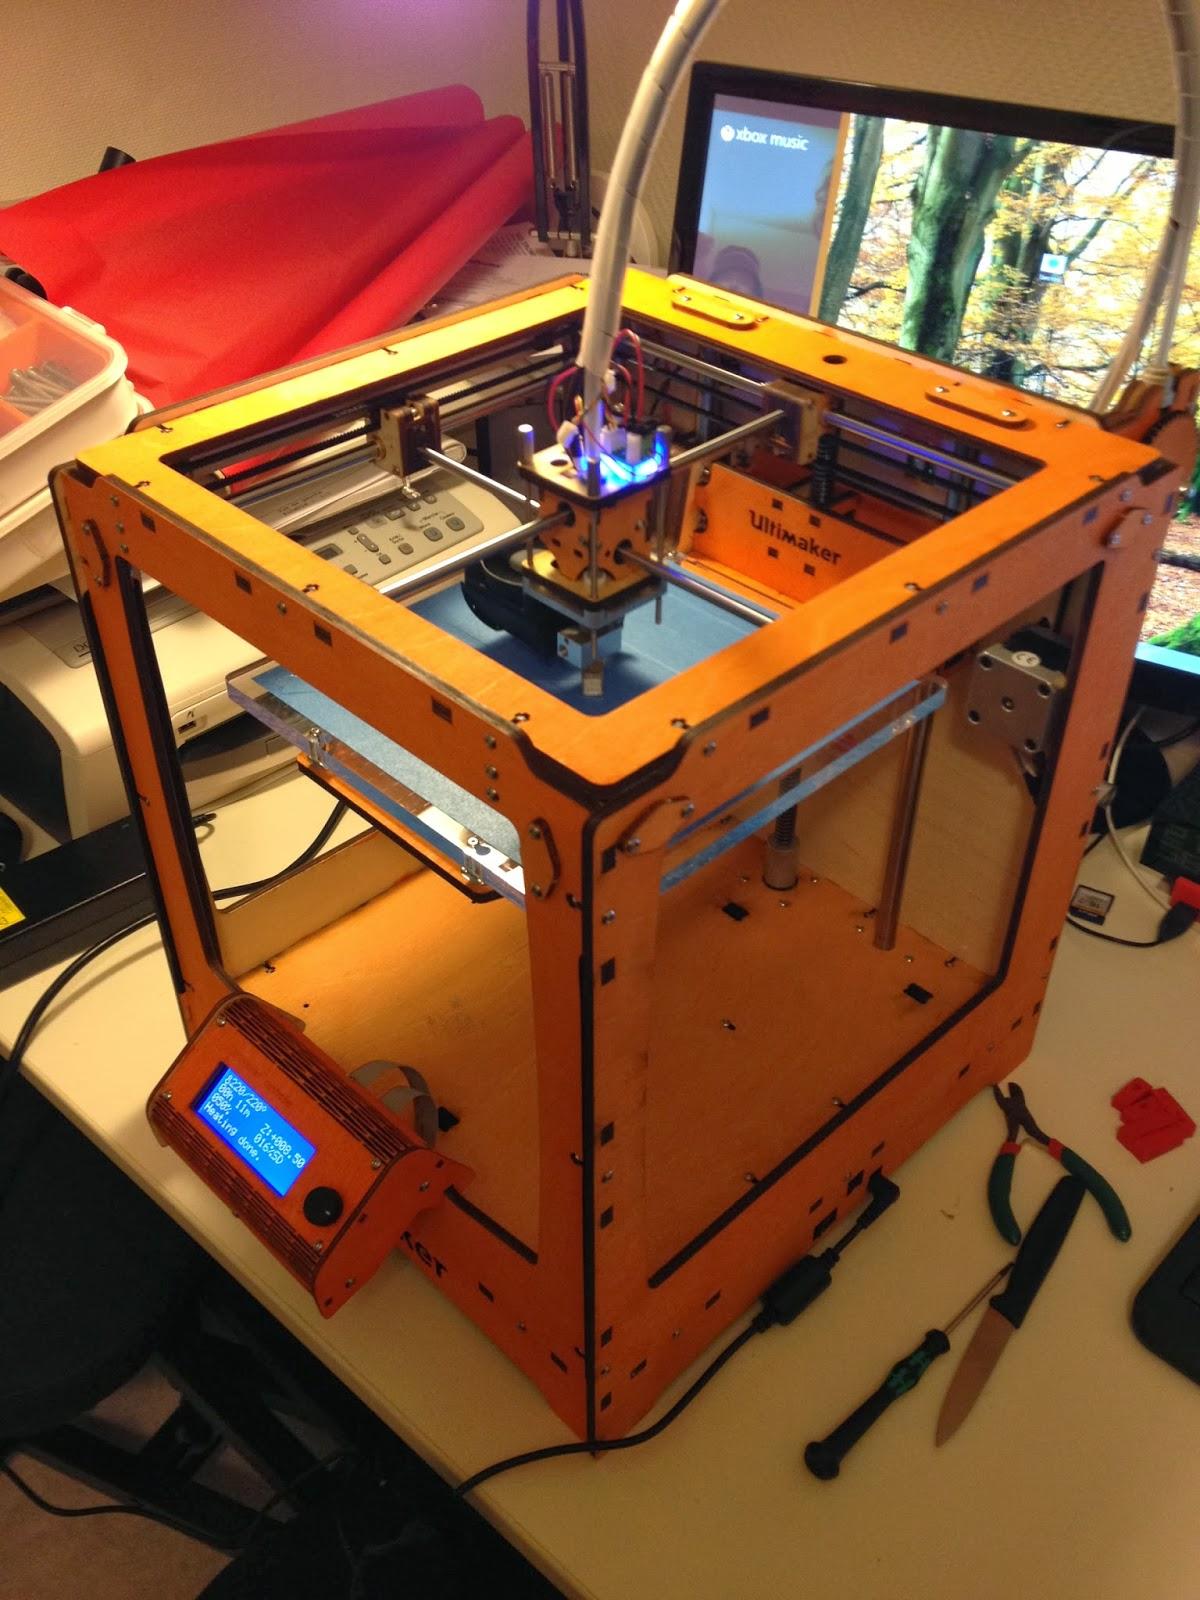 Impression 3d premier pas avec son imprimante equipe for Salon impression 3d